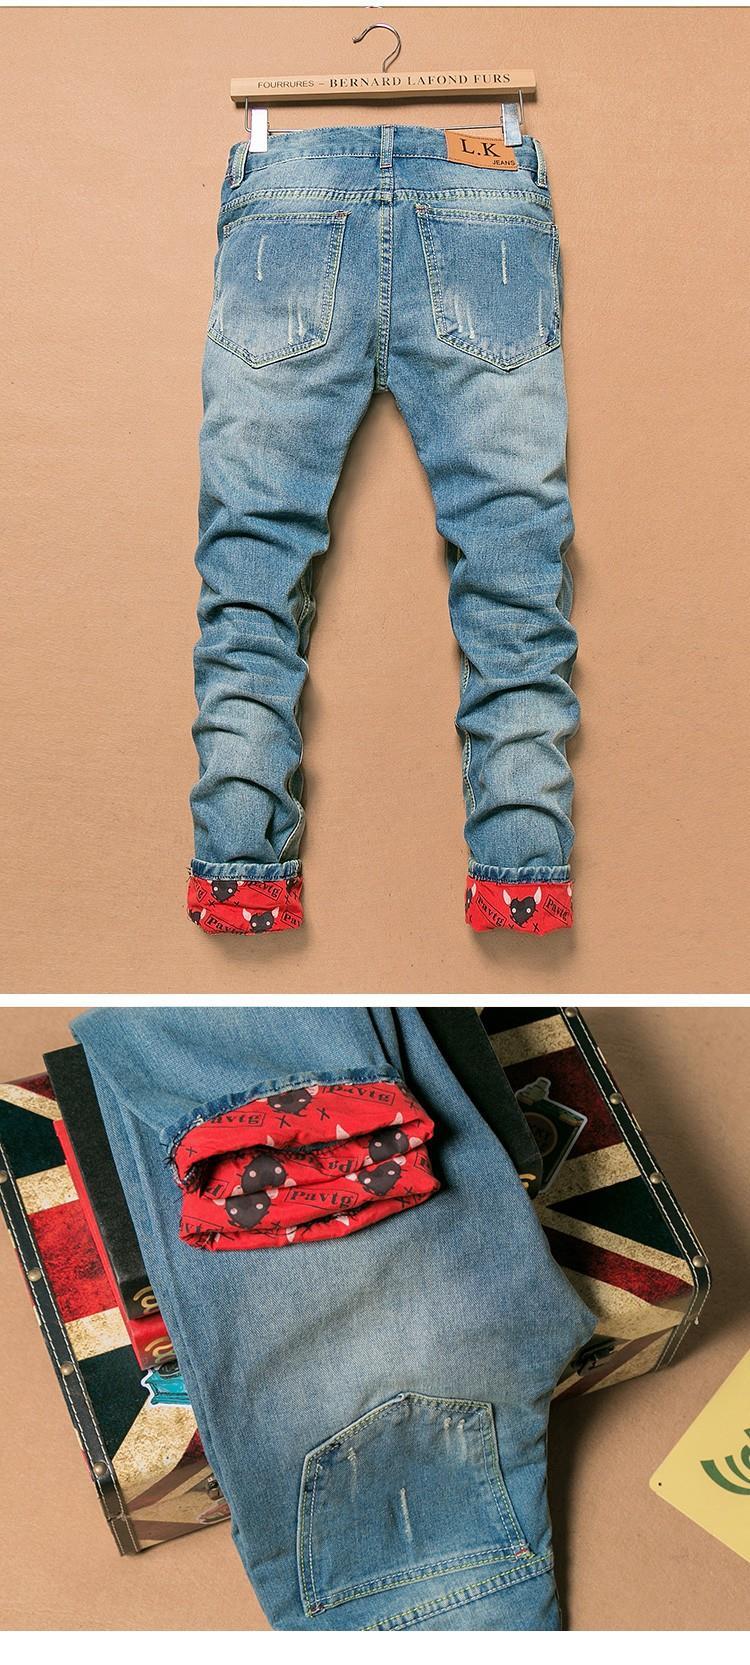 266234de16 2016 Apenada Vintage Ripped Jeans Hombres Delgados Rectos de los ...